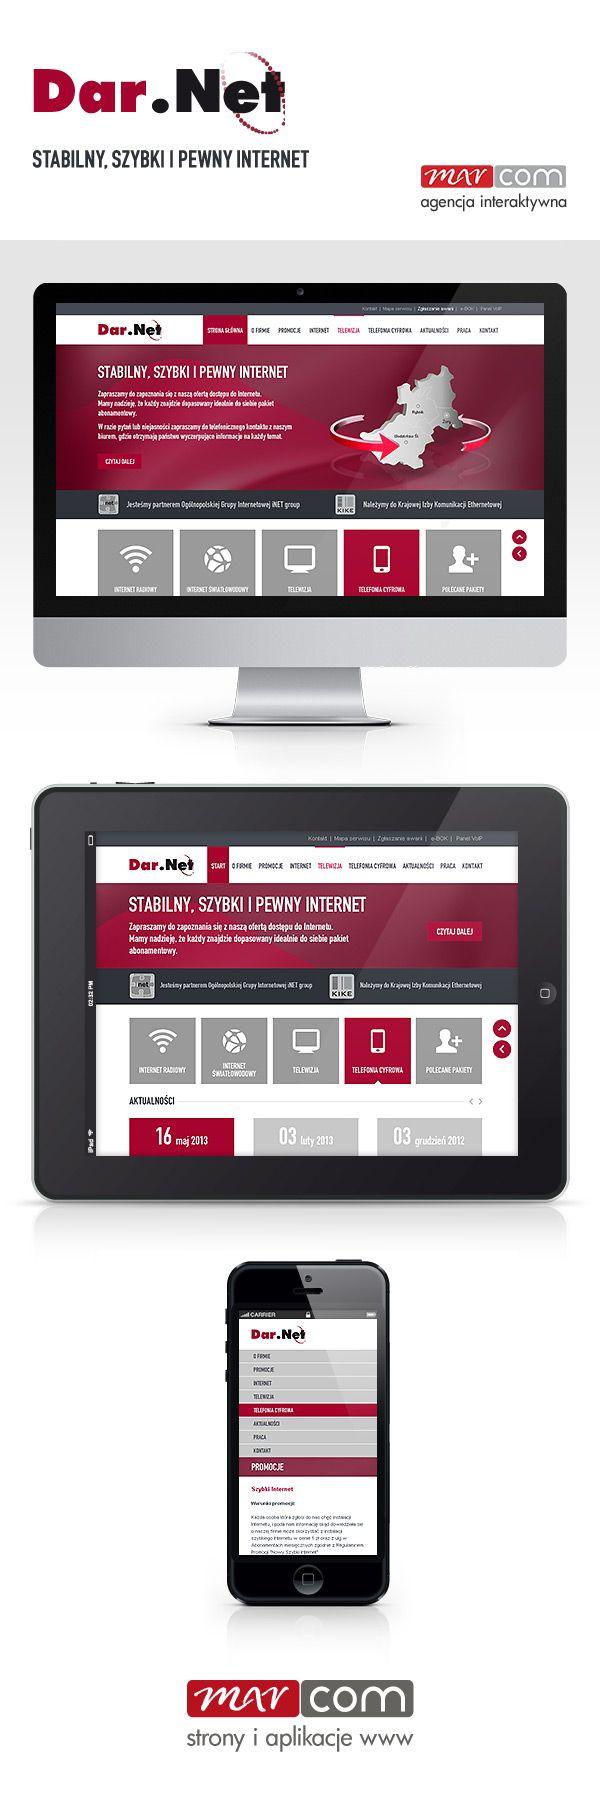 Responsywna strona internetowa www.darnet.pl - Marcom Interactive Rybnik, Śląsk / Responsive webdesign by Marcom Interactive